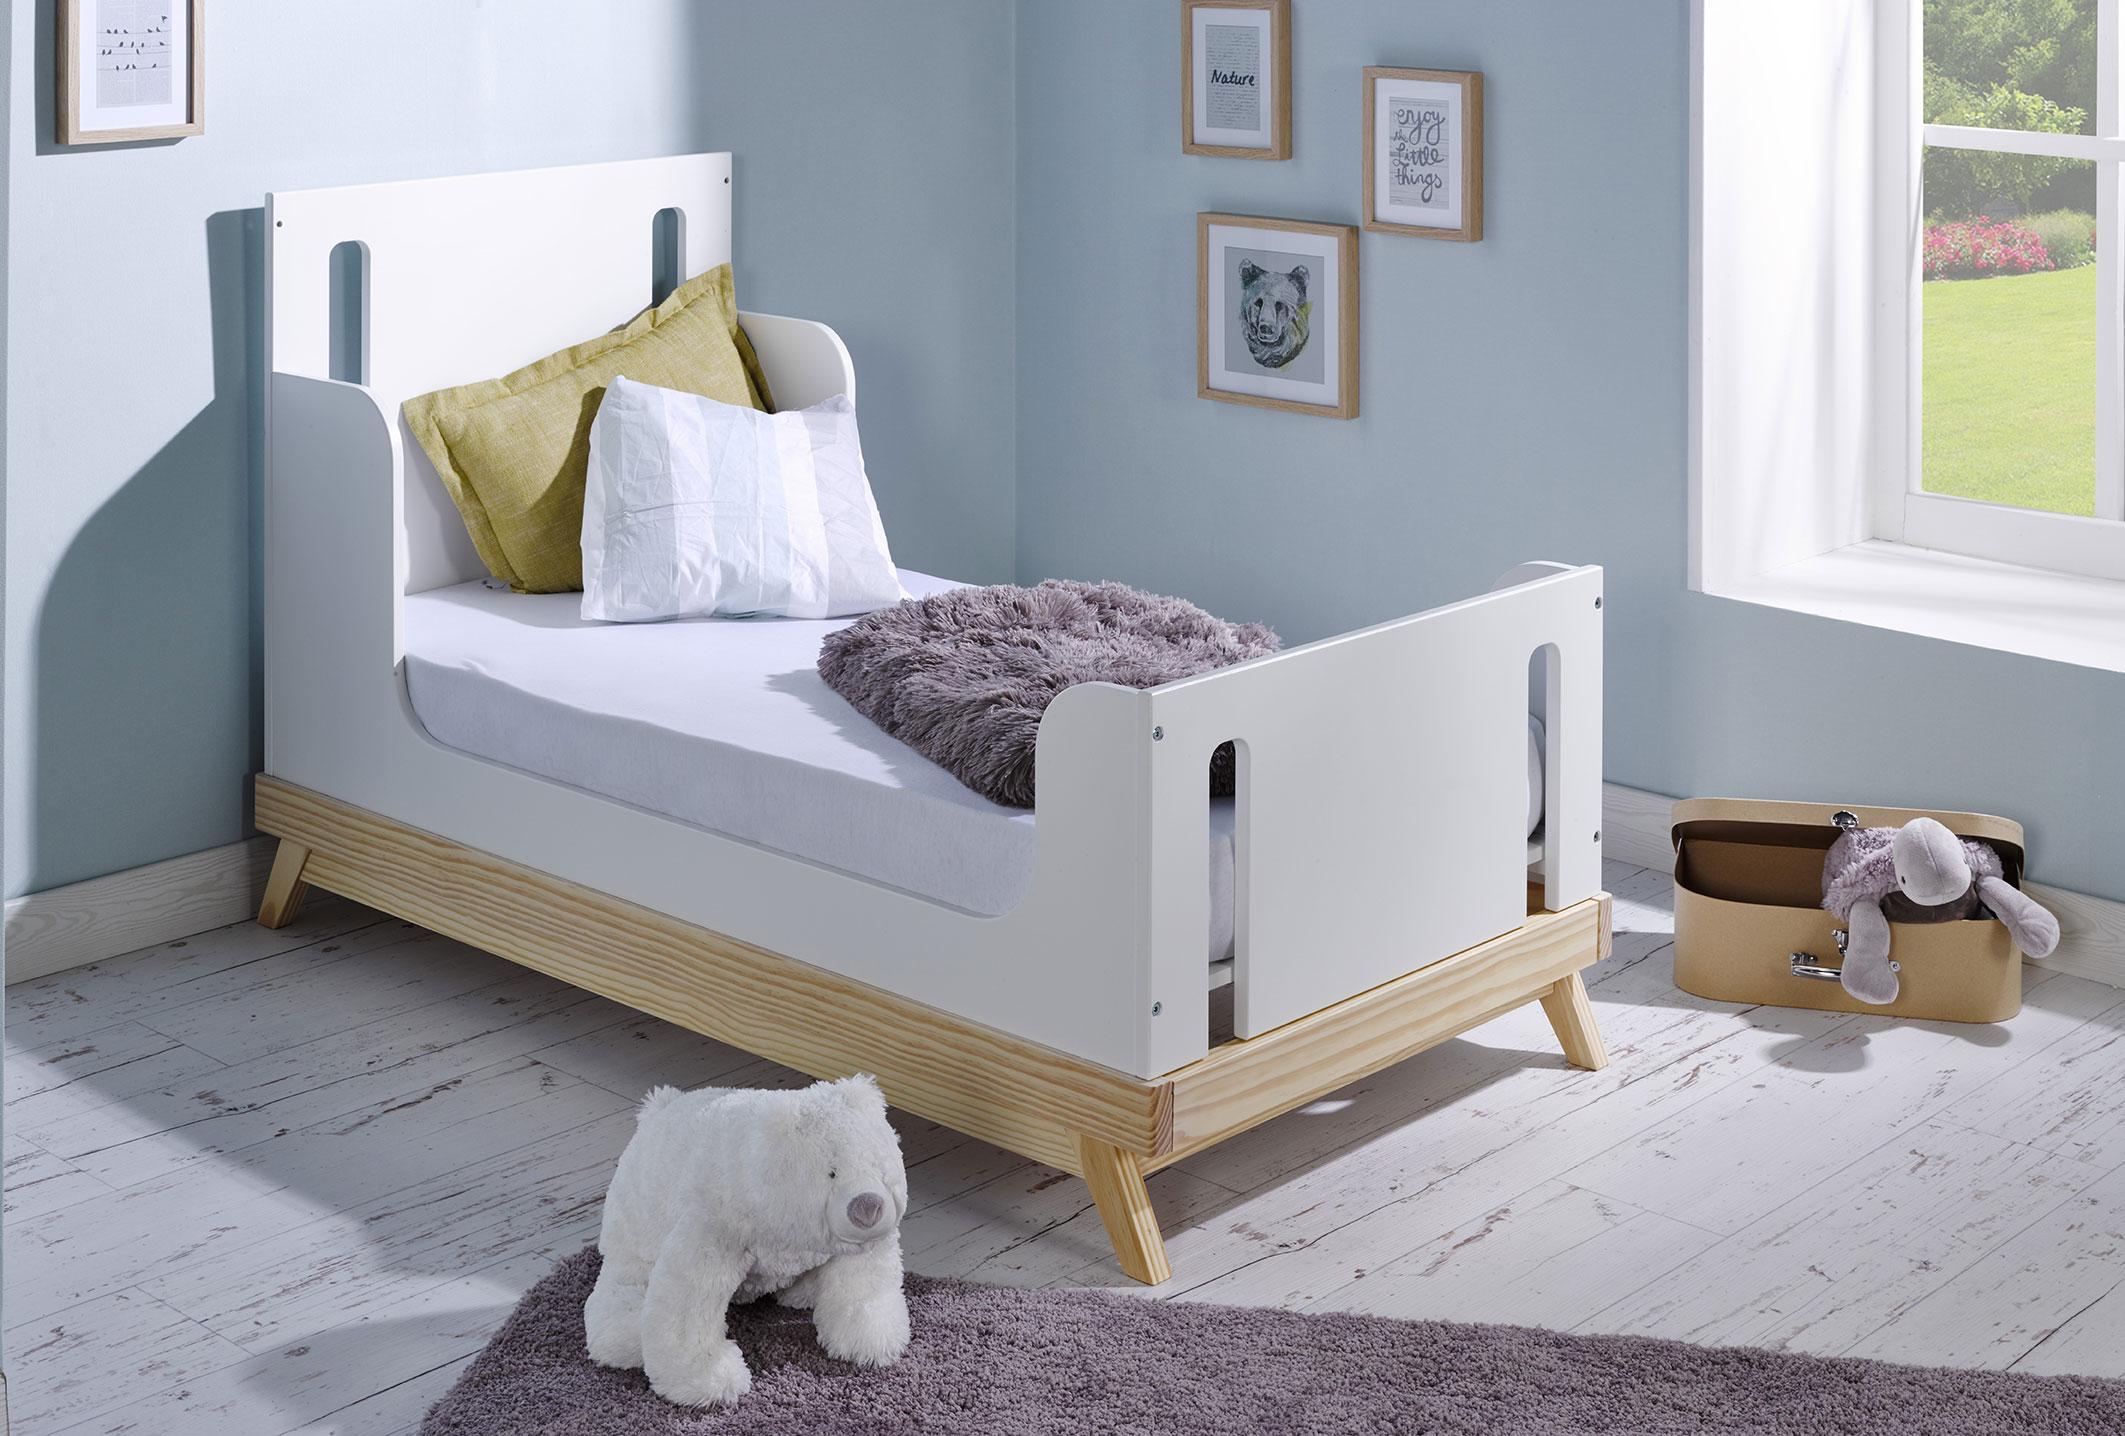 Chambre Bebe Design Scandinave Scandinave Nordique Deco Chambre Bebe